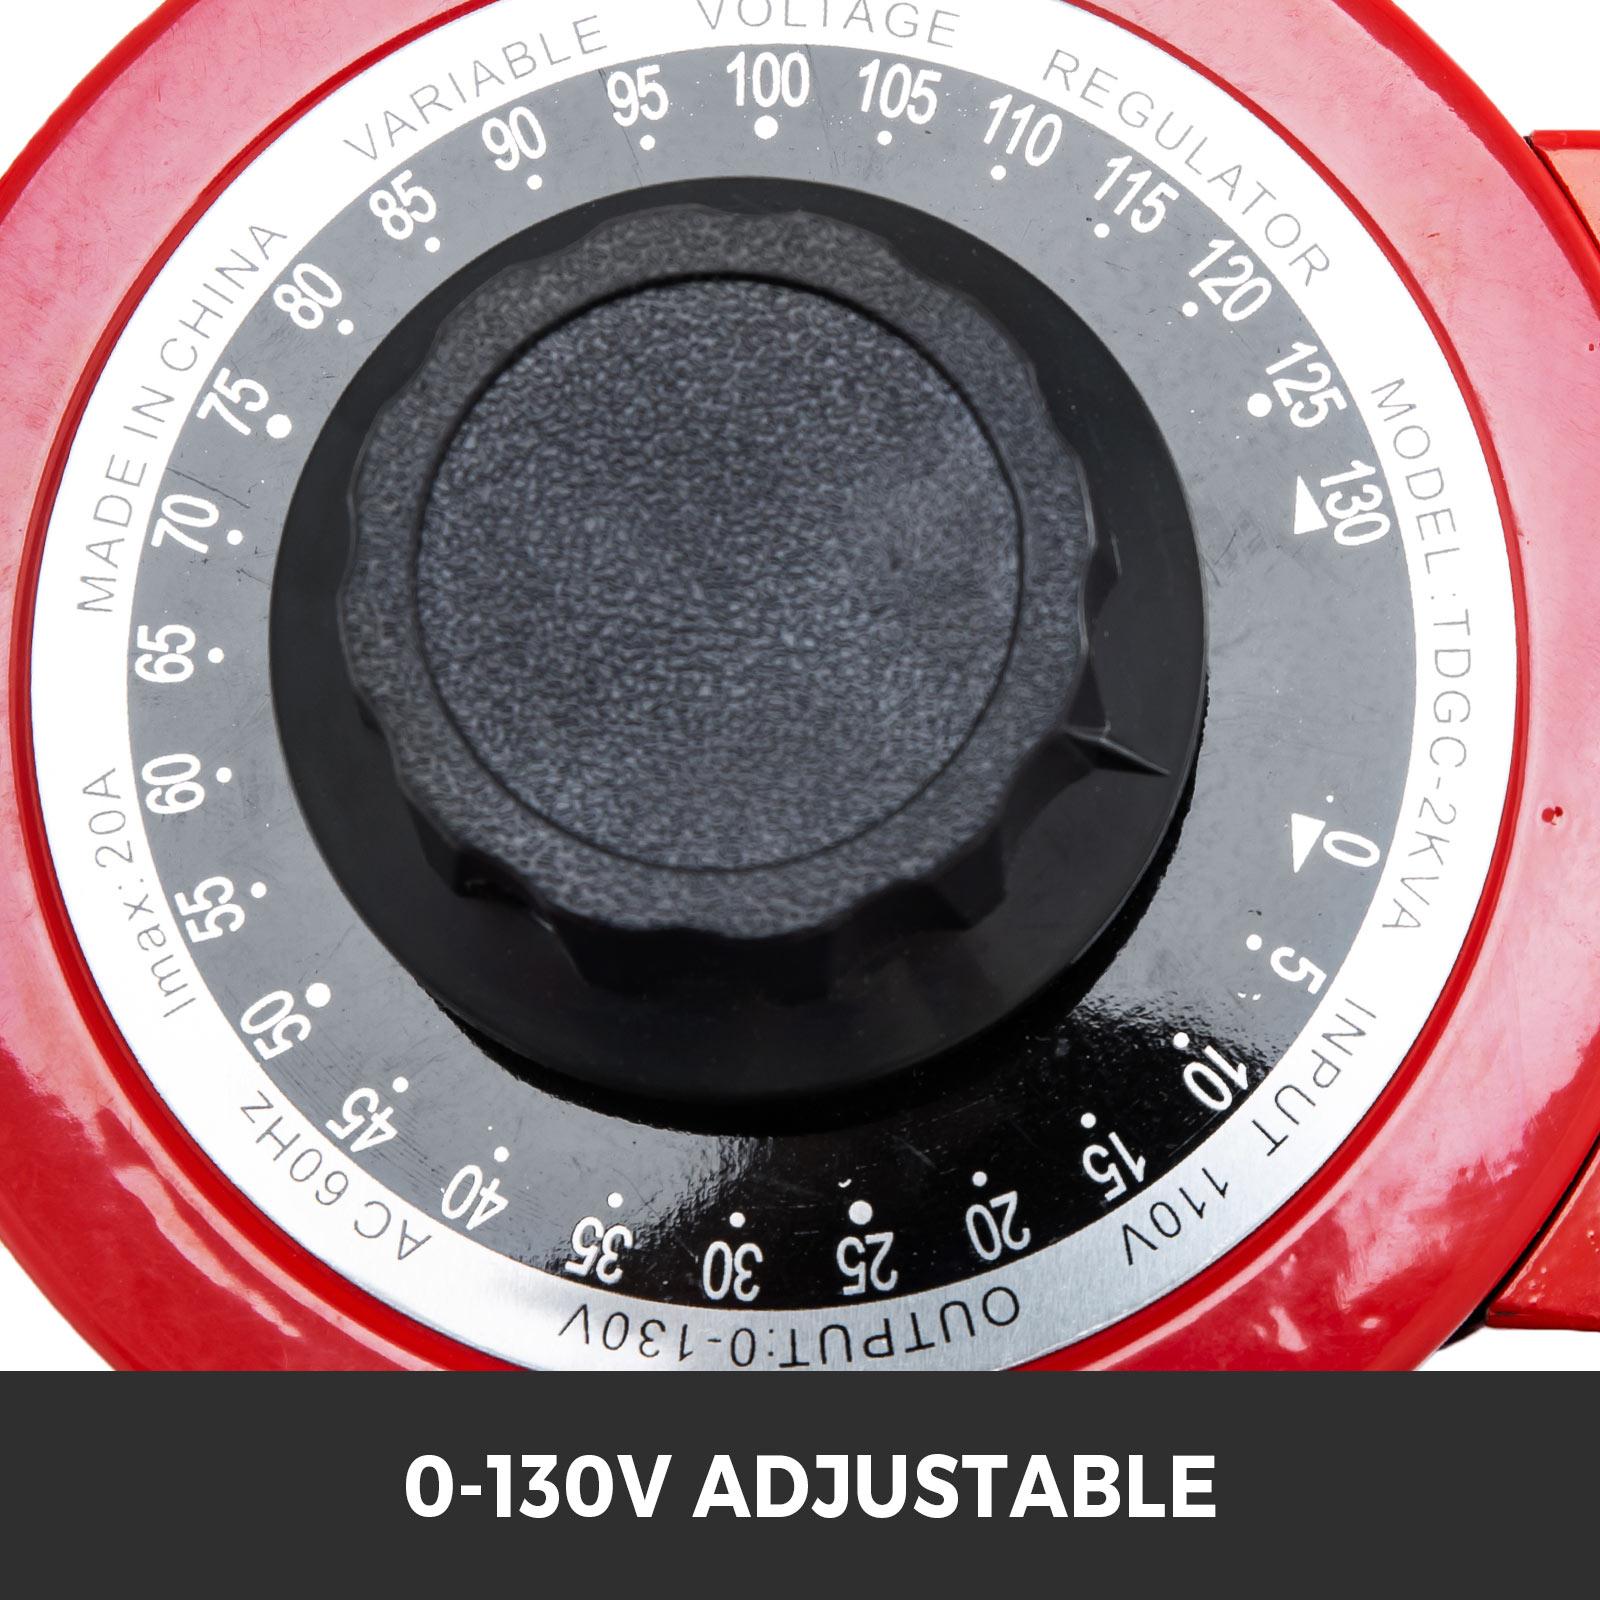 Variac-Variable-Transforme-0-5-1-2-3KVA-LCD-Single-Phase-Digital-Display-0-130V thumbnail 39